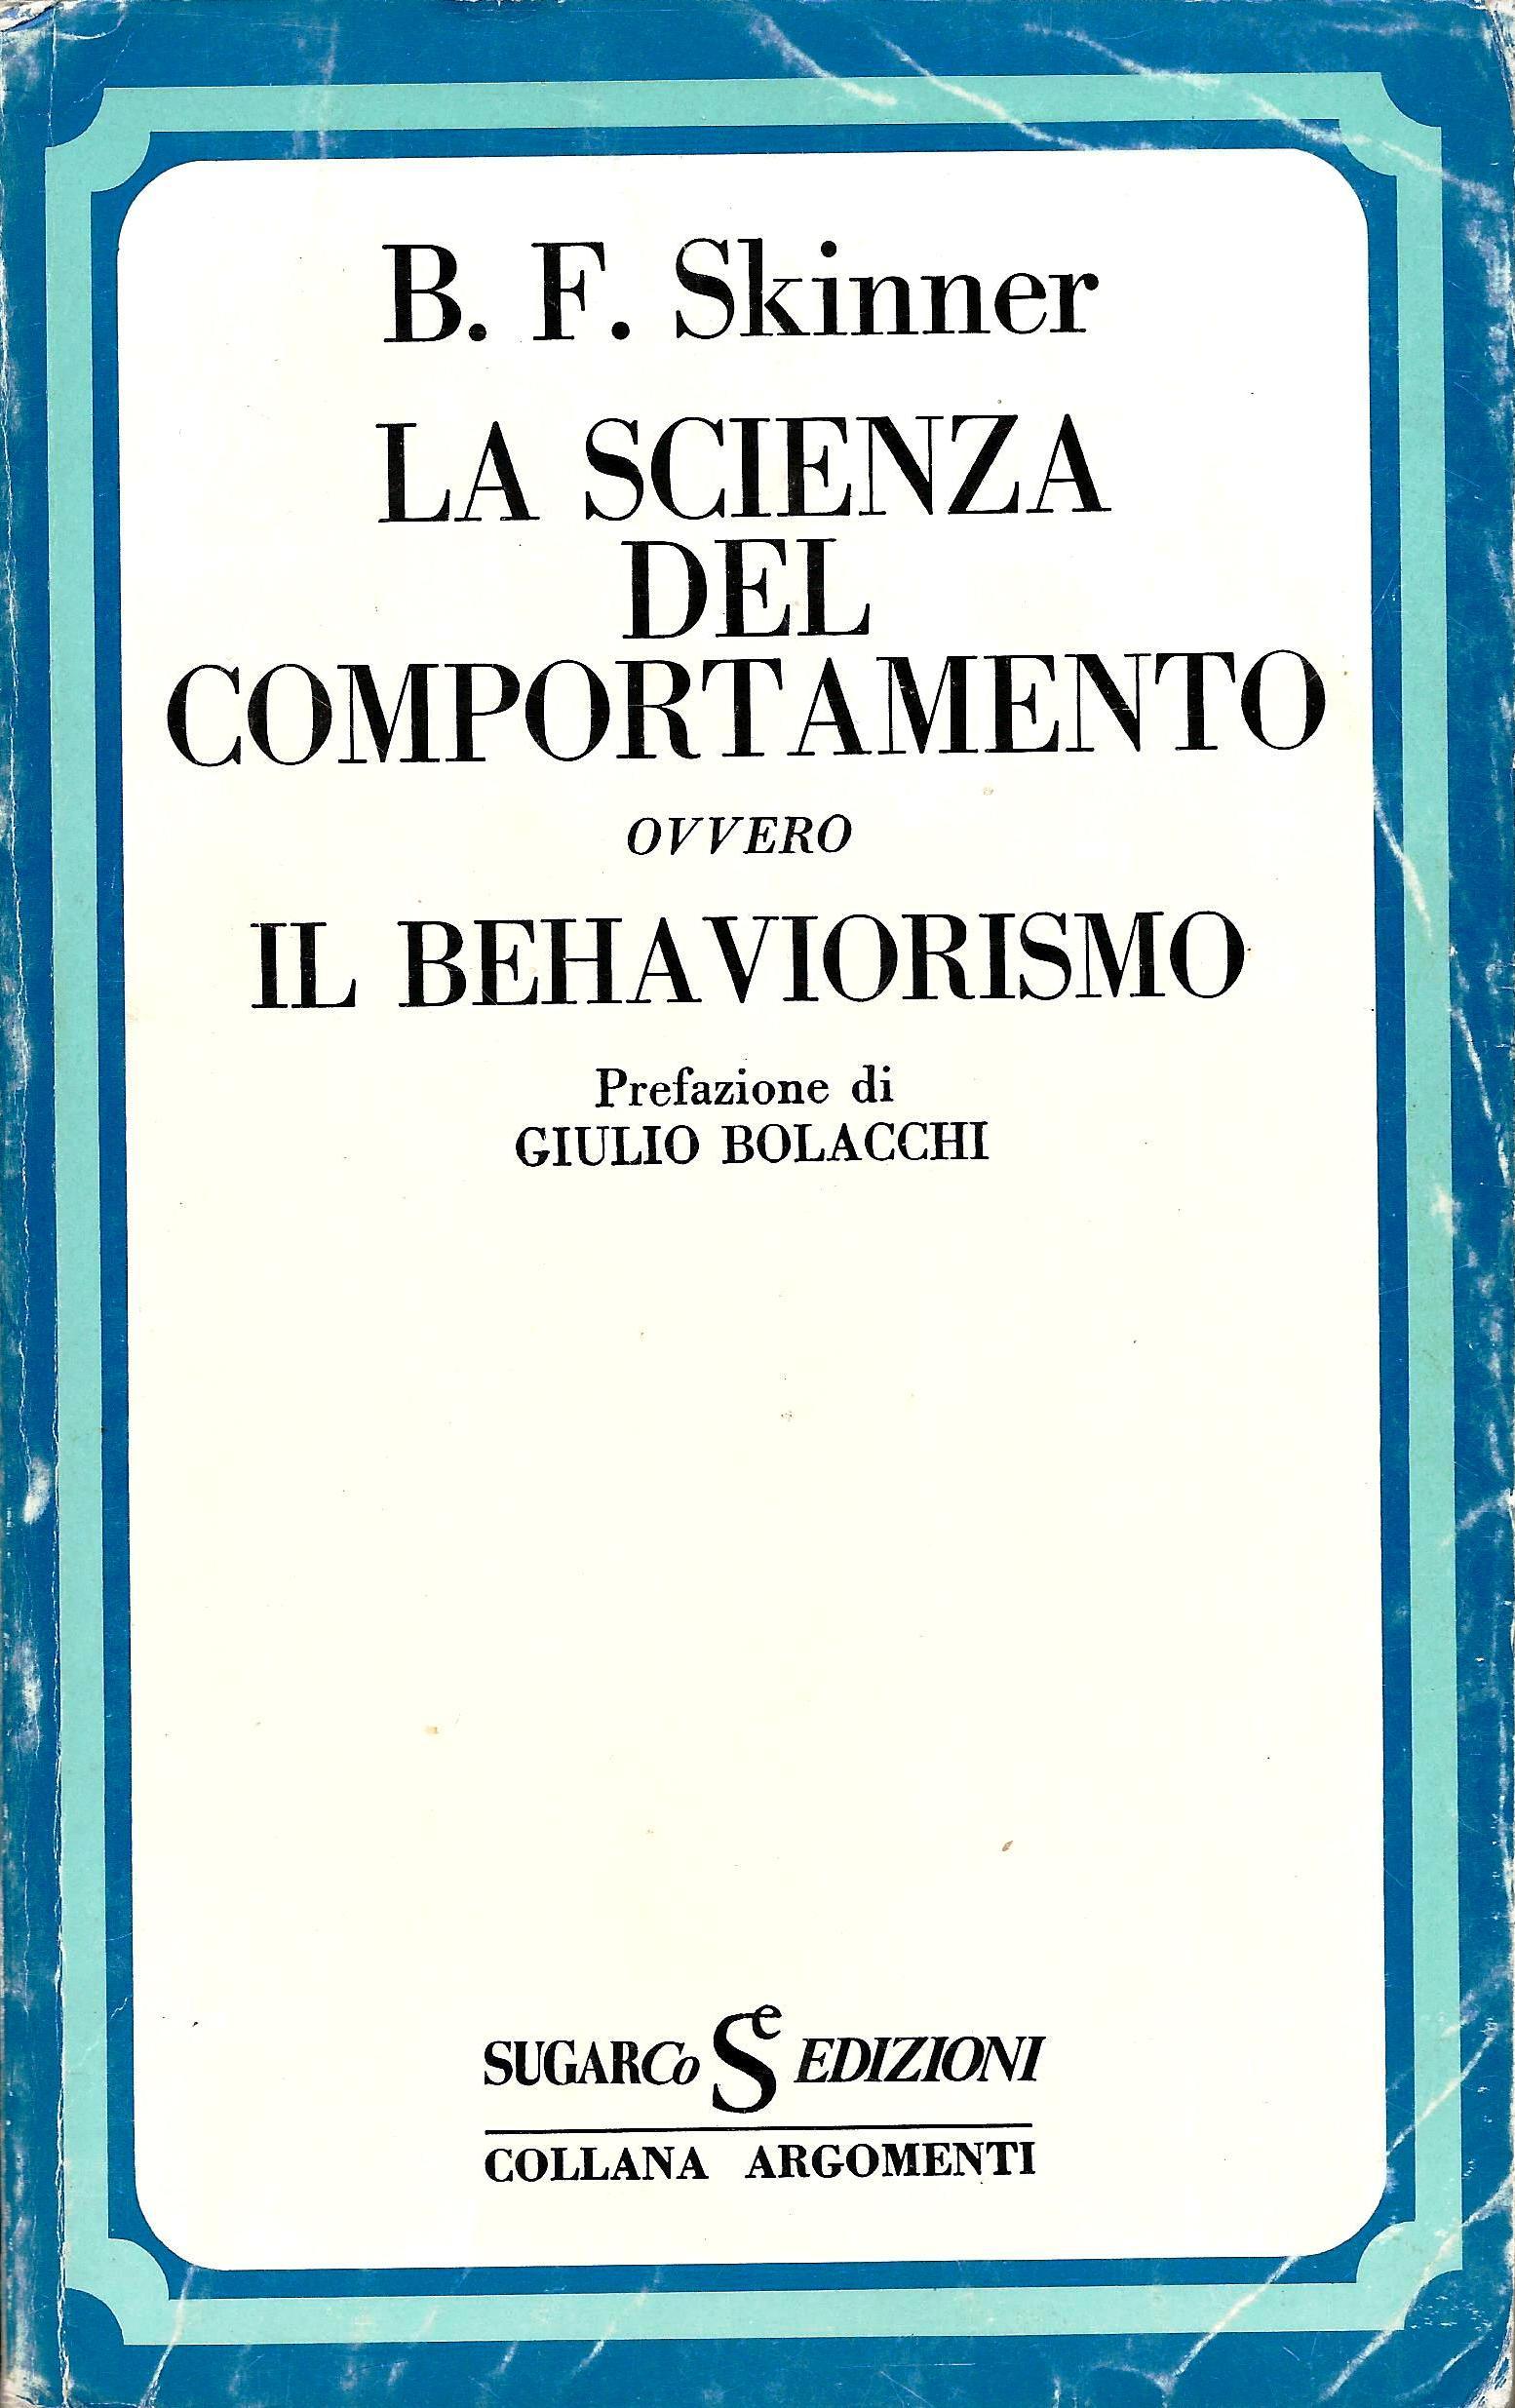 G. Bolacchi, Prefazione a B.F. Skinner, La scienza del comportamento ovvero il Behaviorismo, SugarCo, Milano, 1976